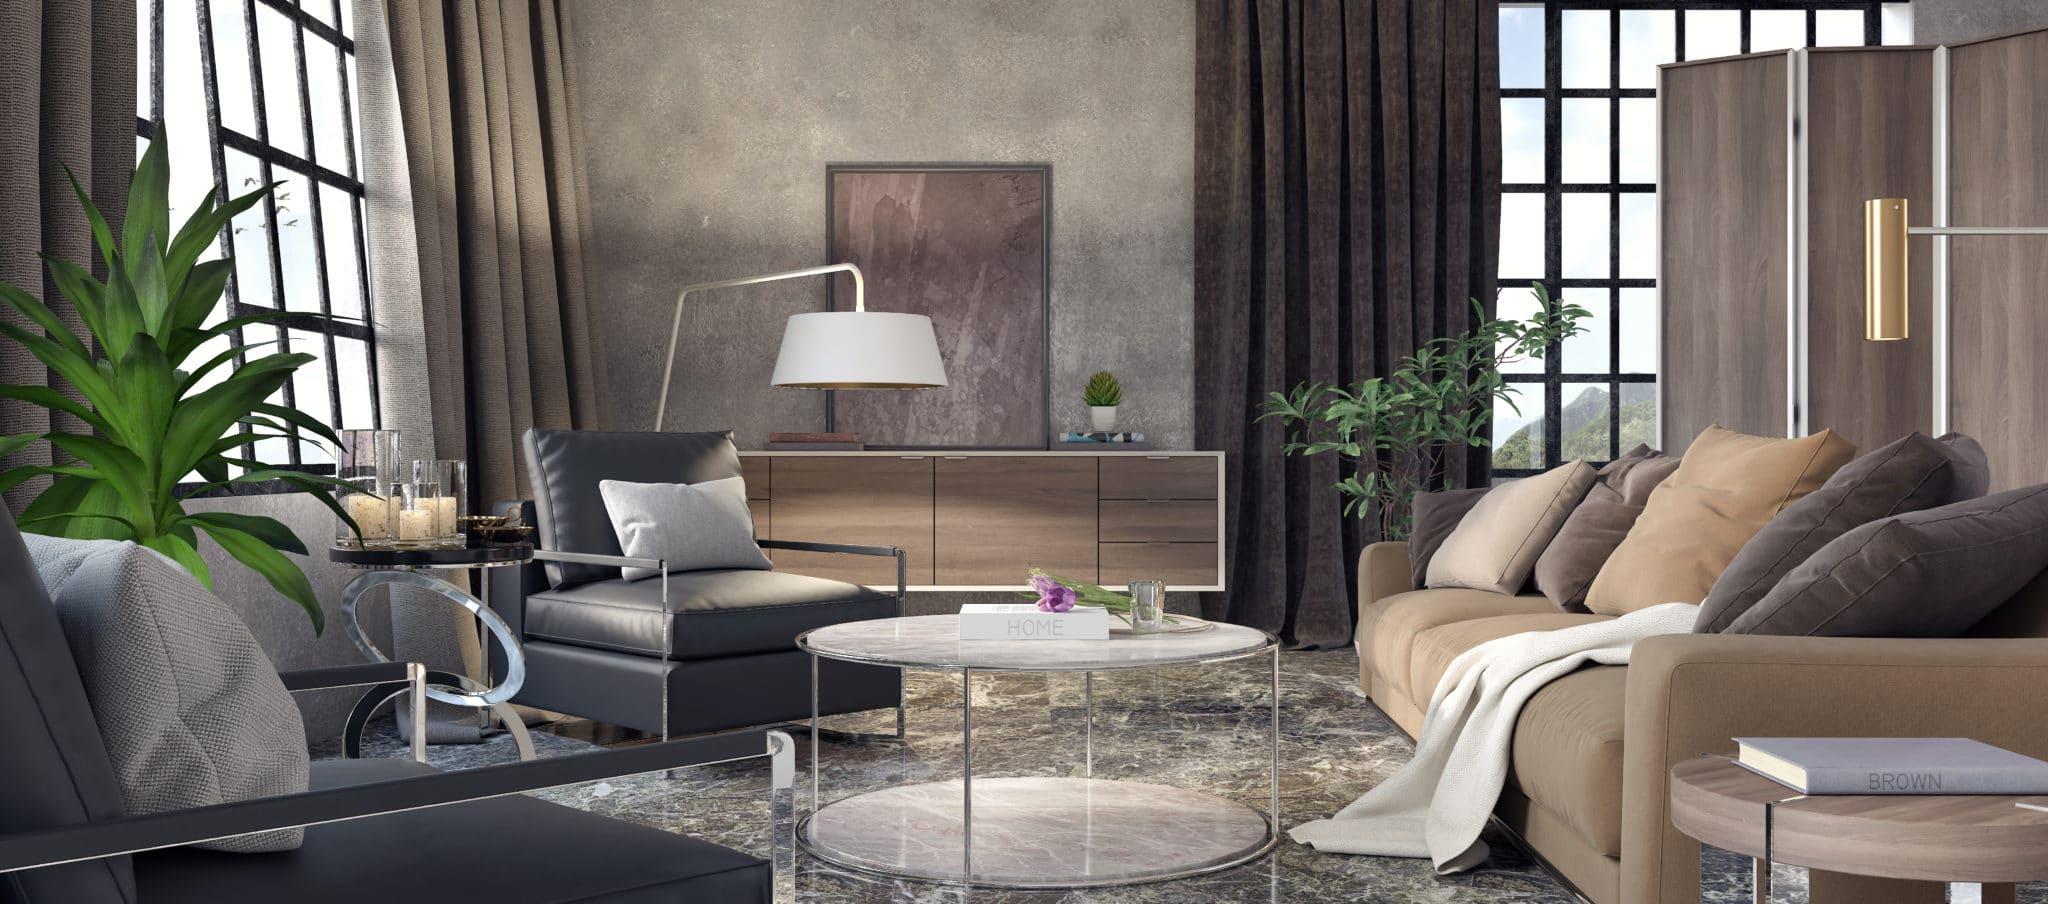 Interior Design Trends To